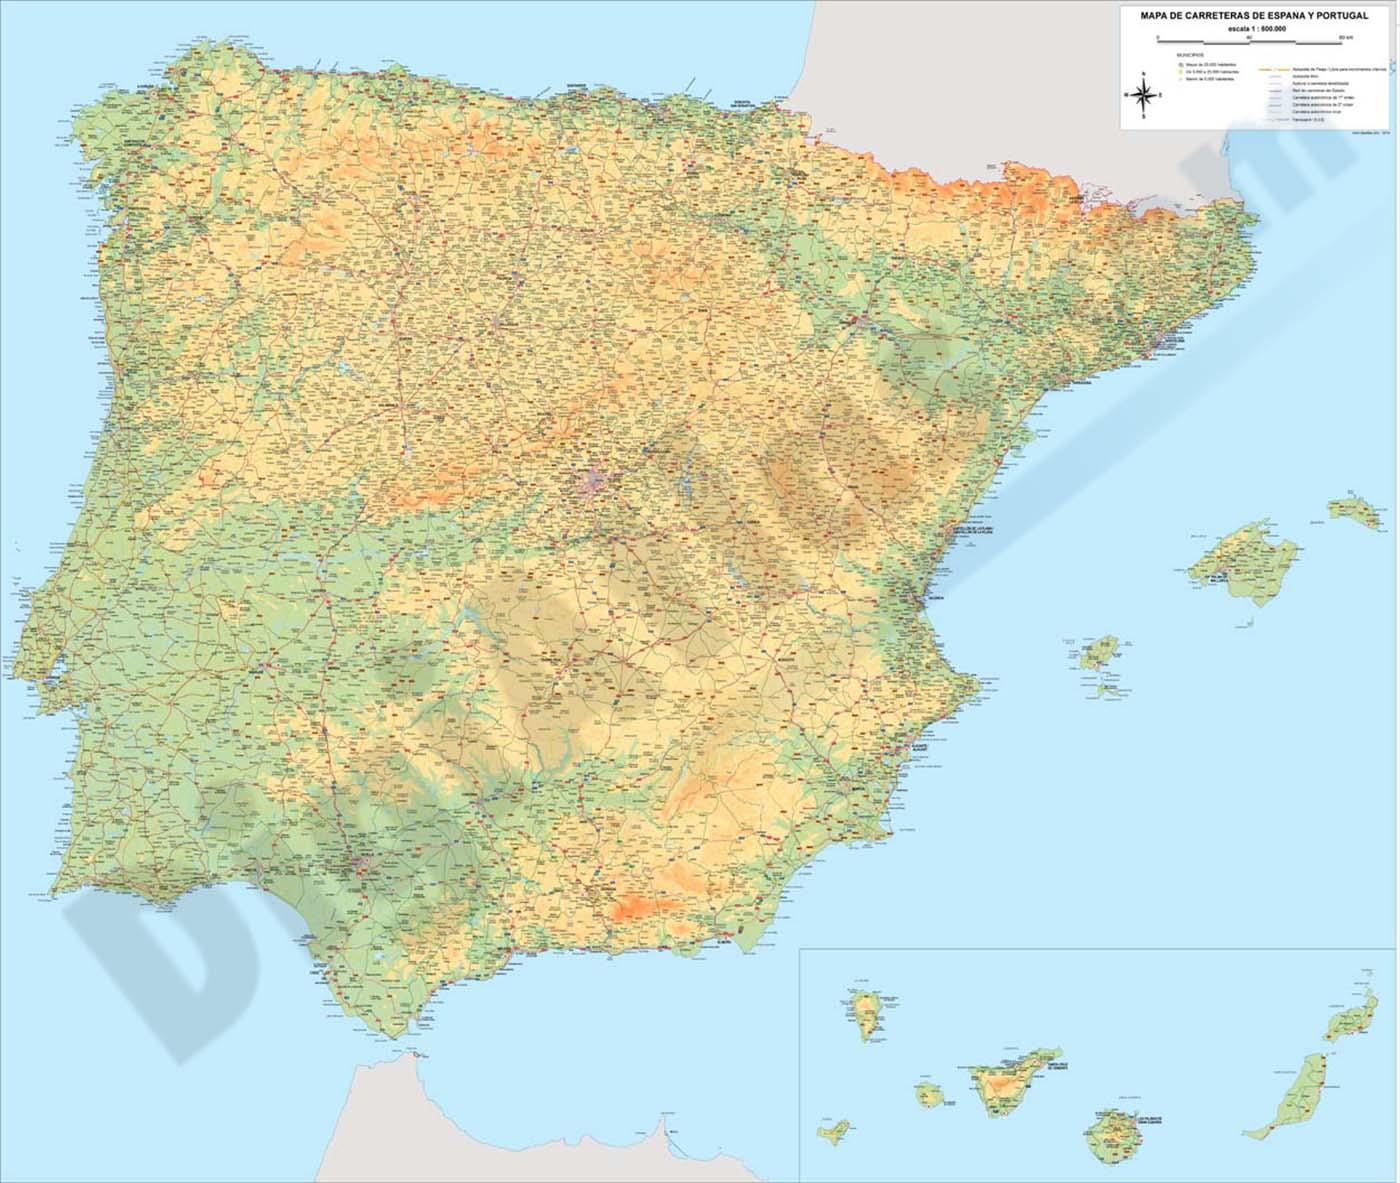 mapa de portugal com escala para imprimir Mapa de carreteras de España y Portugal mapa de portugal com escala para imprimir